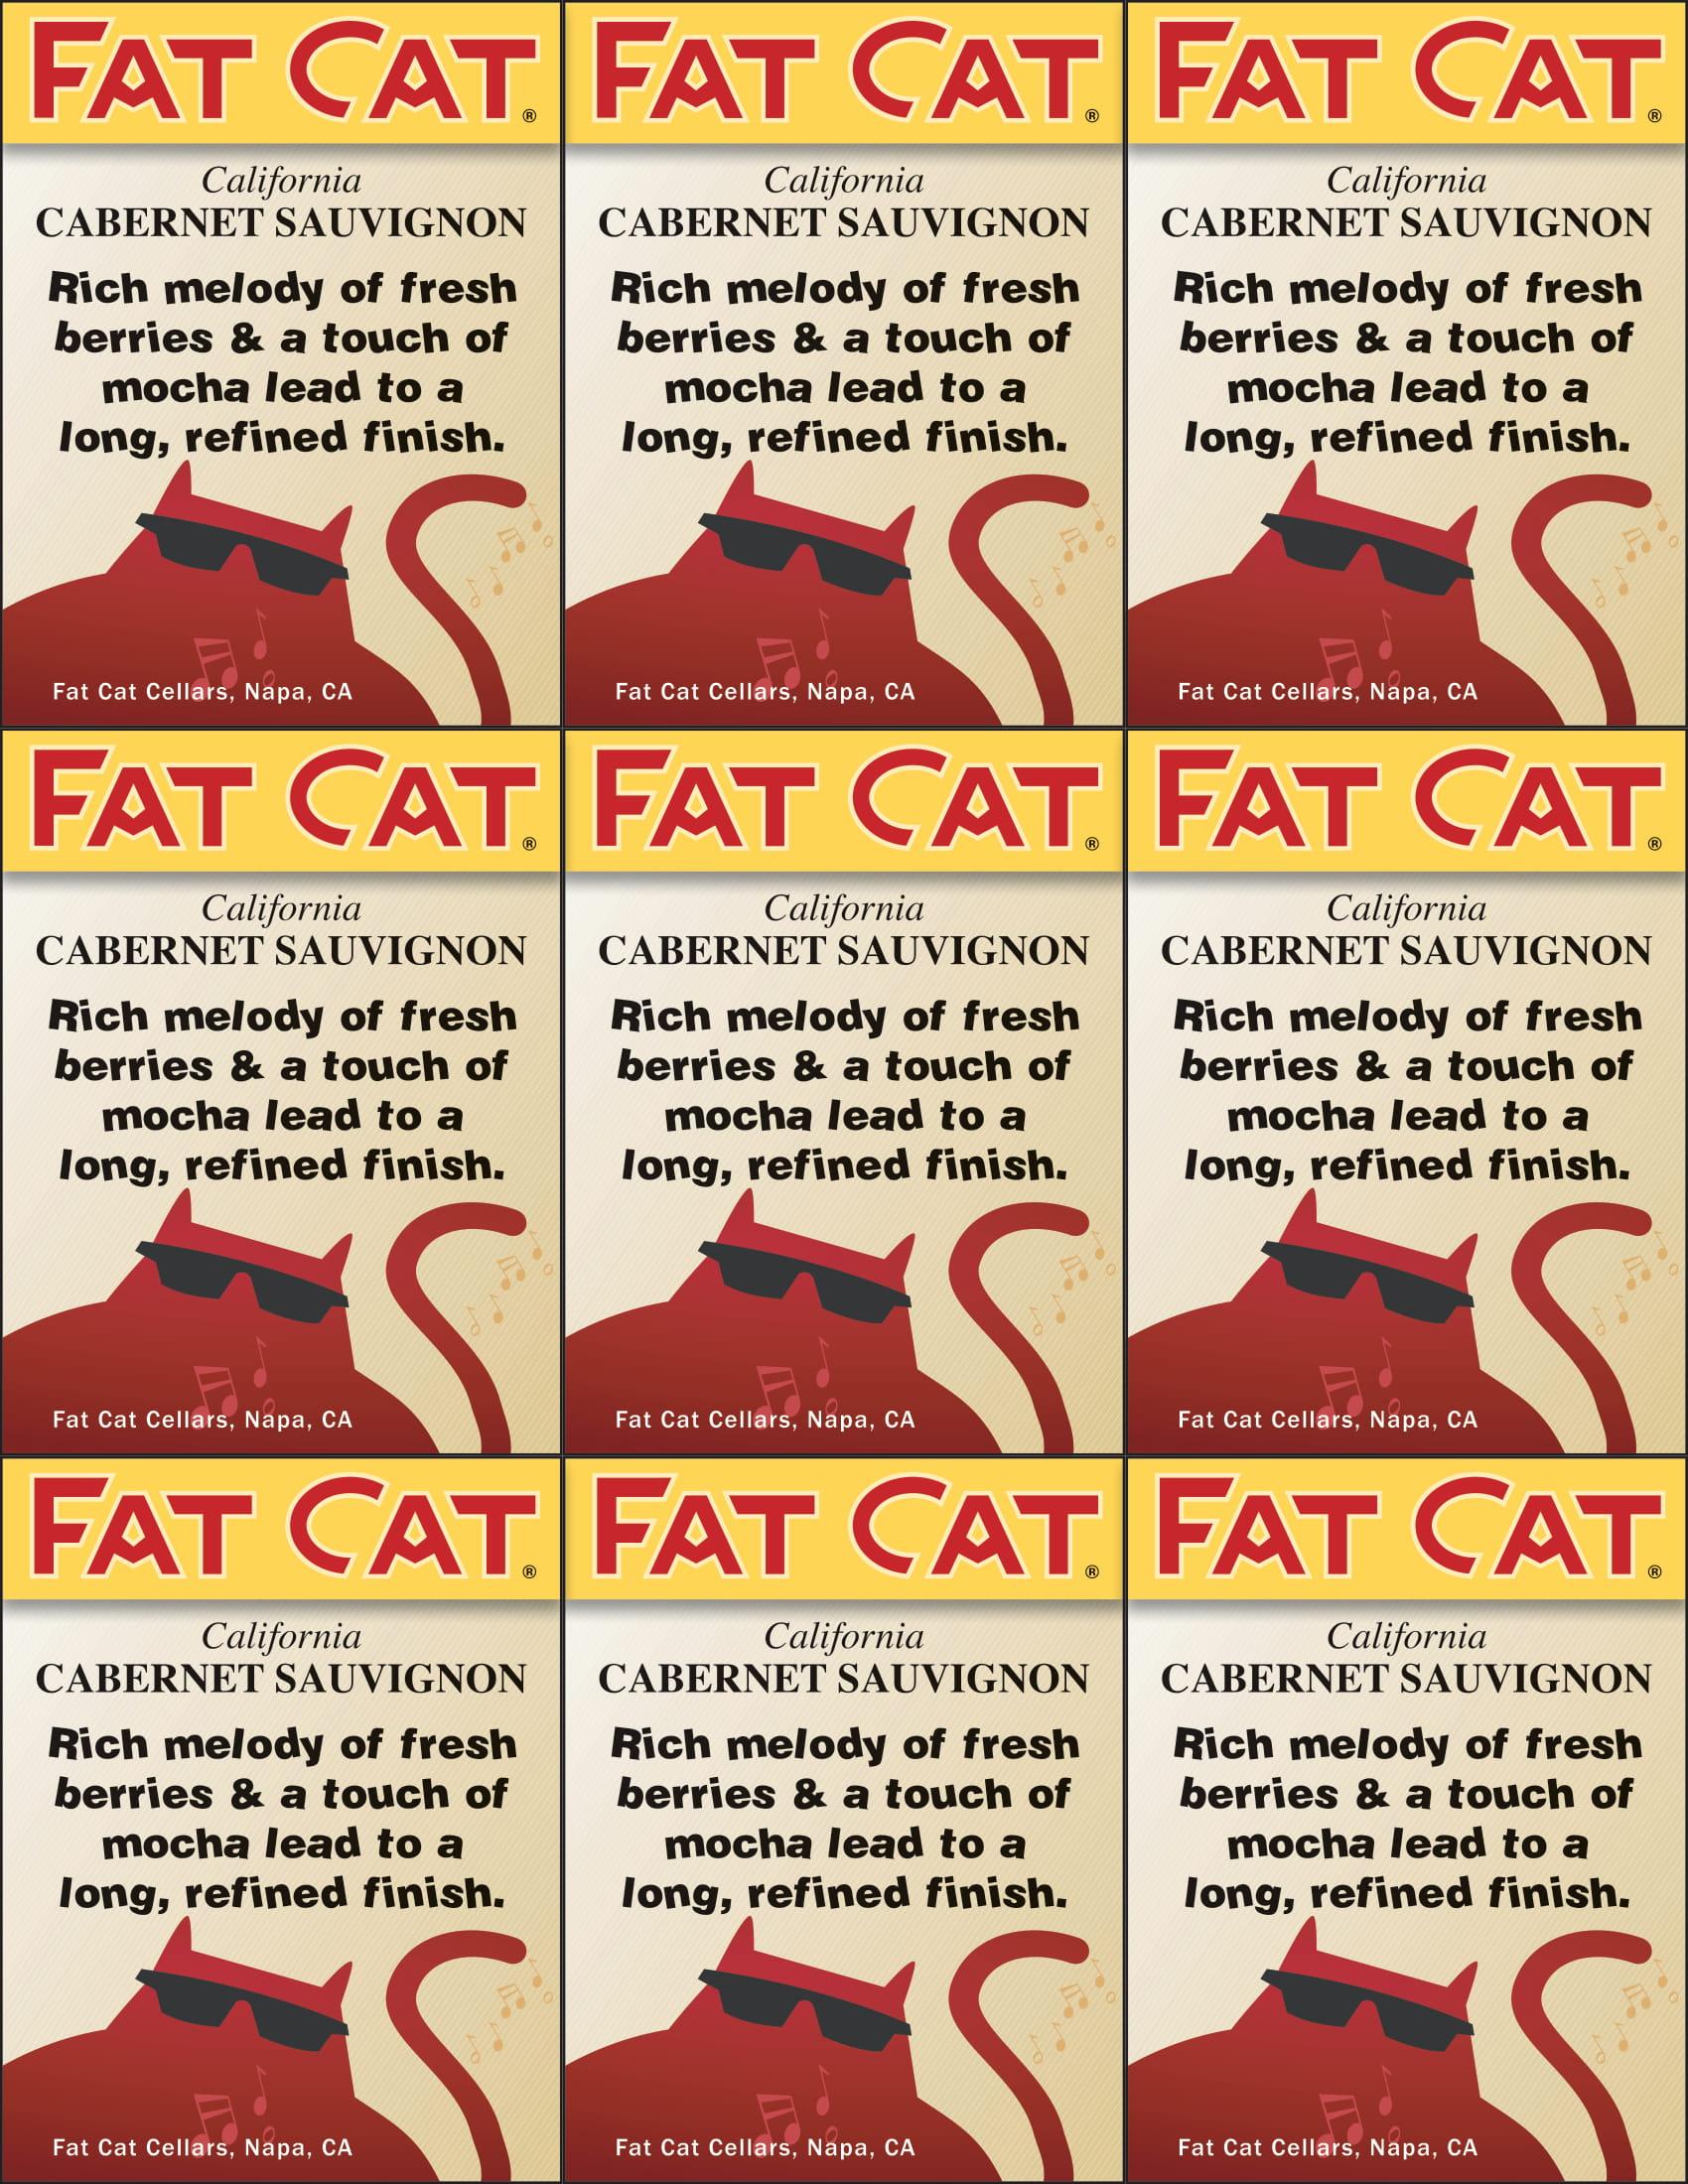 Fat Cat Cabernet Sauvignon Shelf Talkers